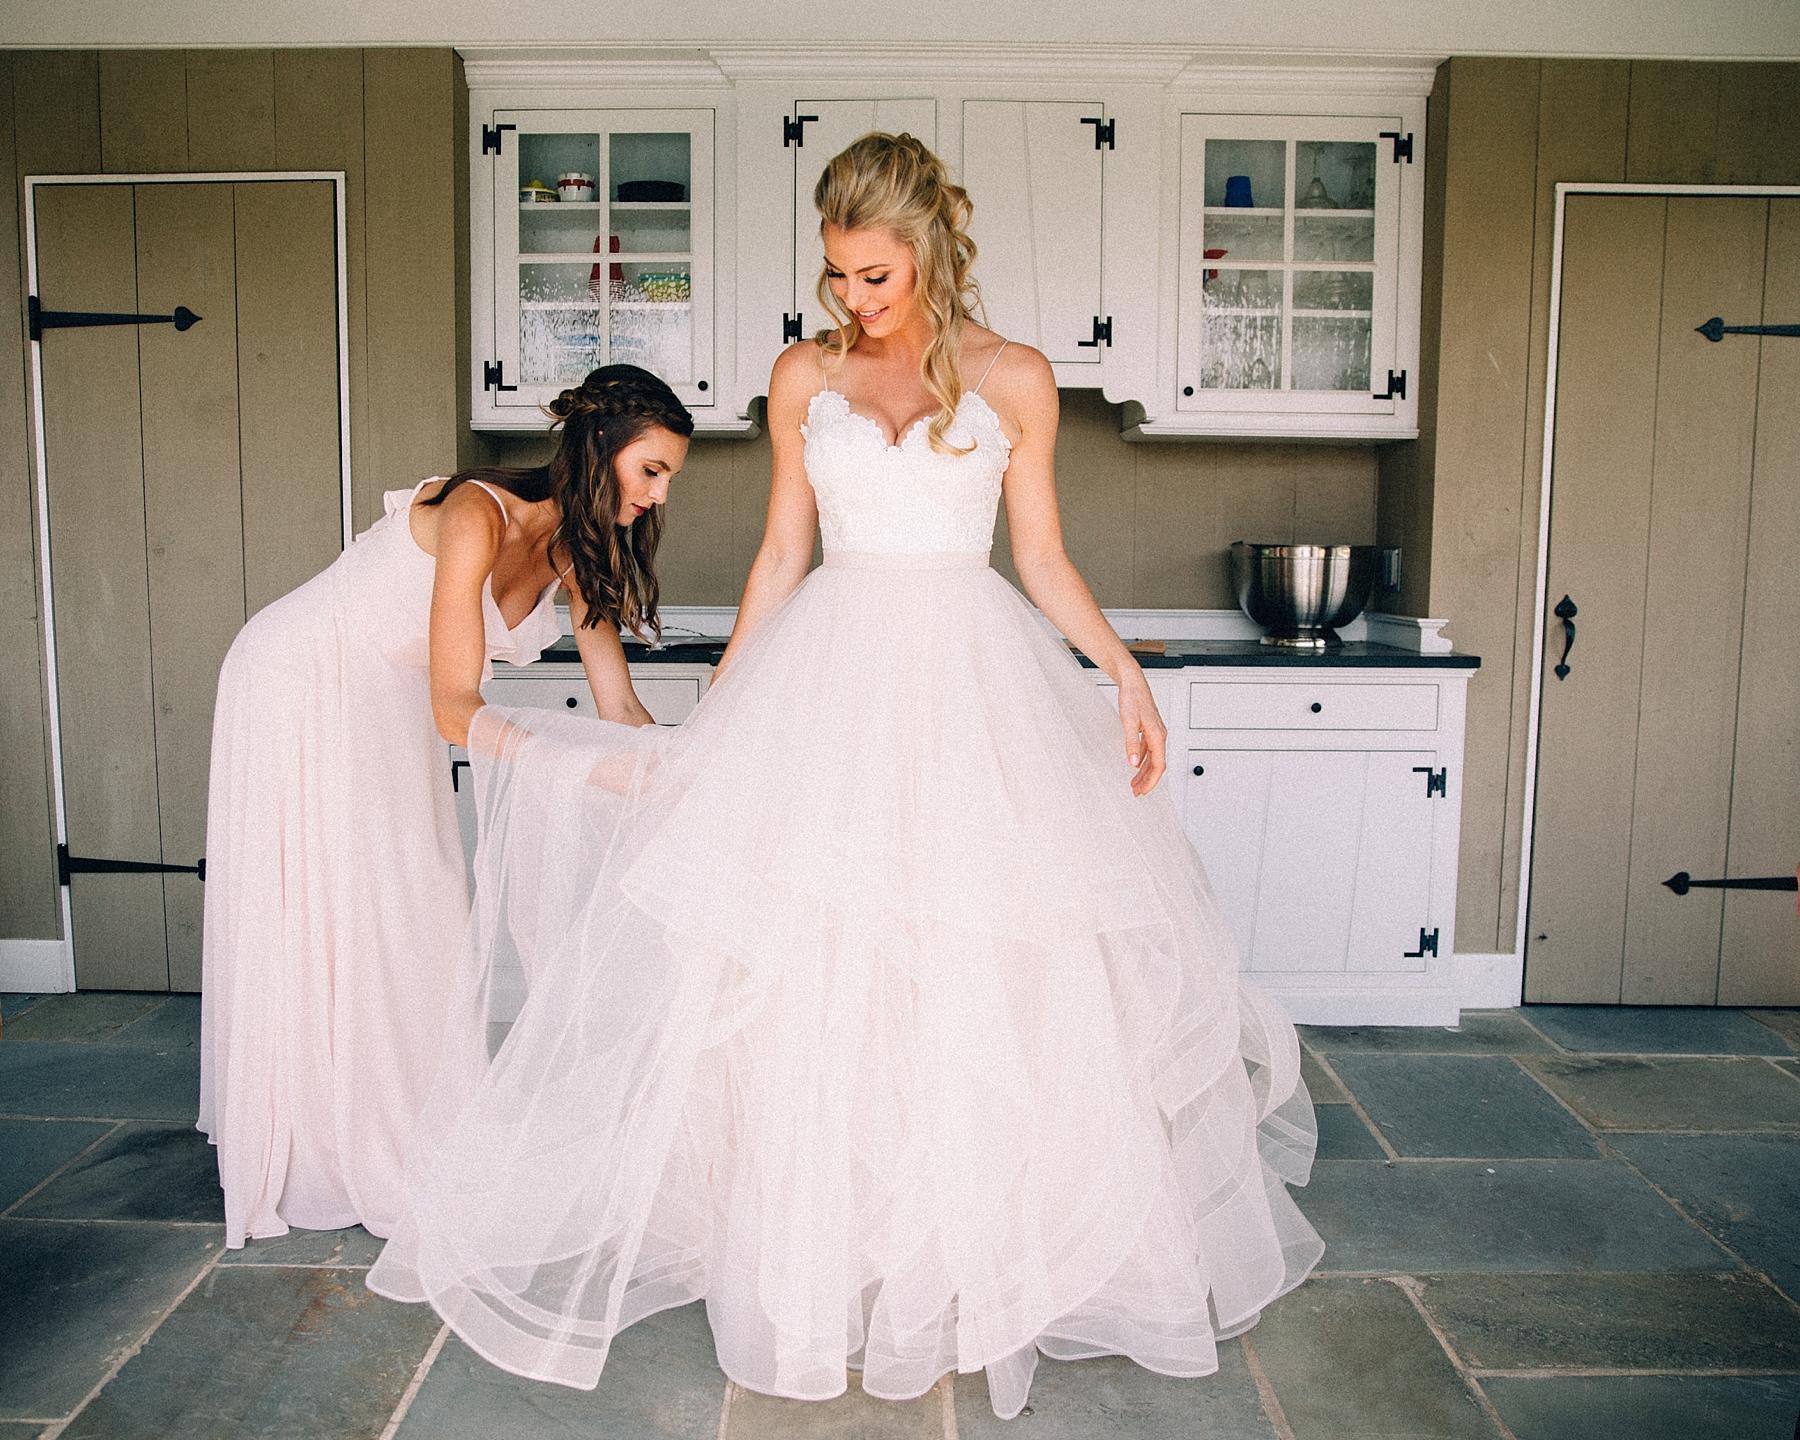 childhood-home-wedding-new-hope-pa-lambertville-nj_0023.jpg